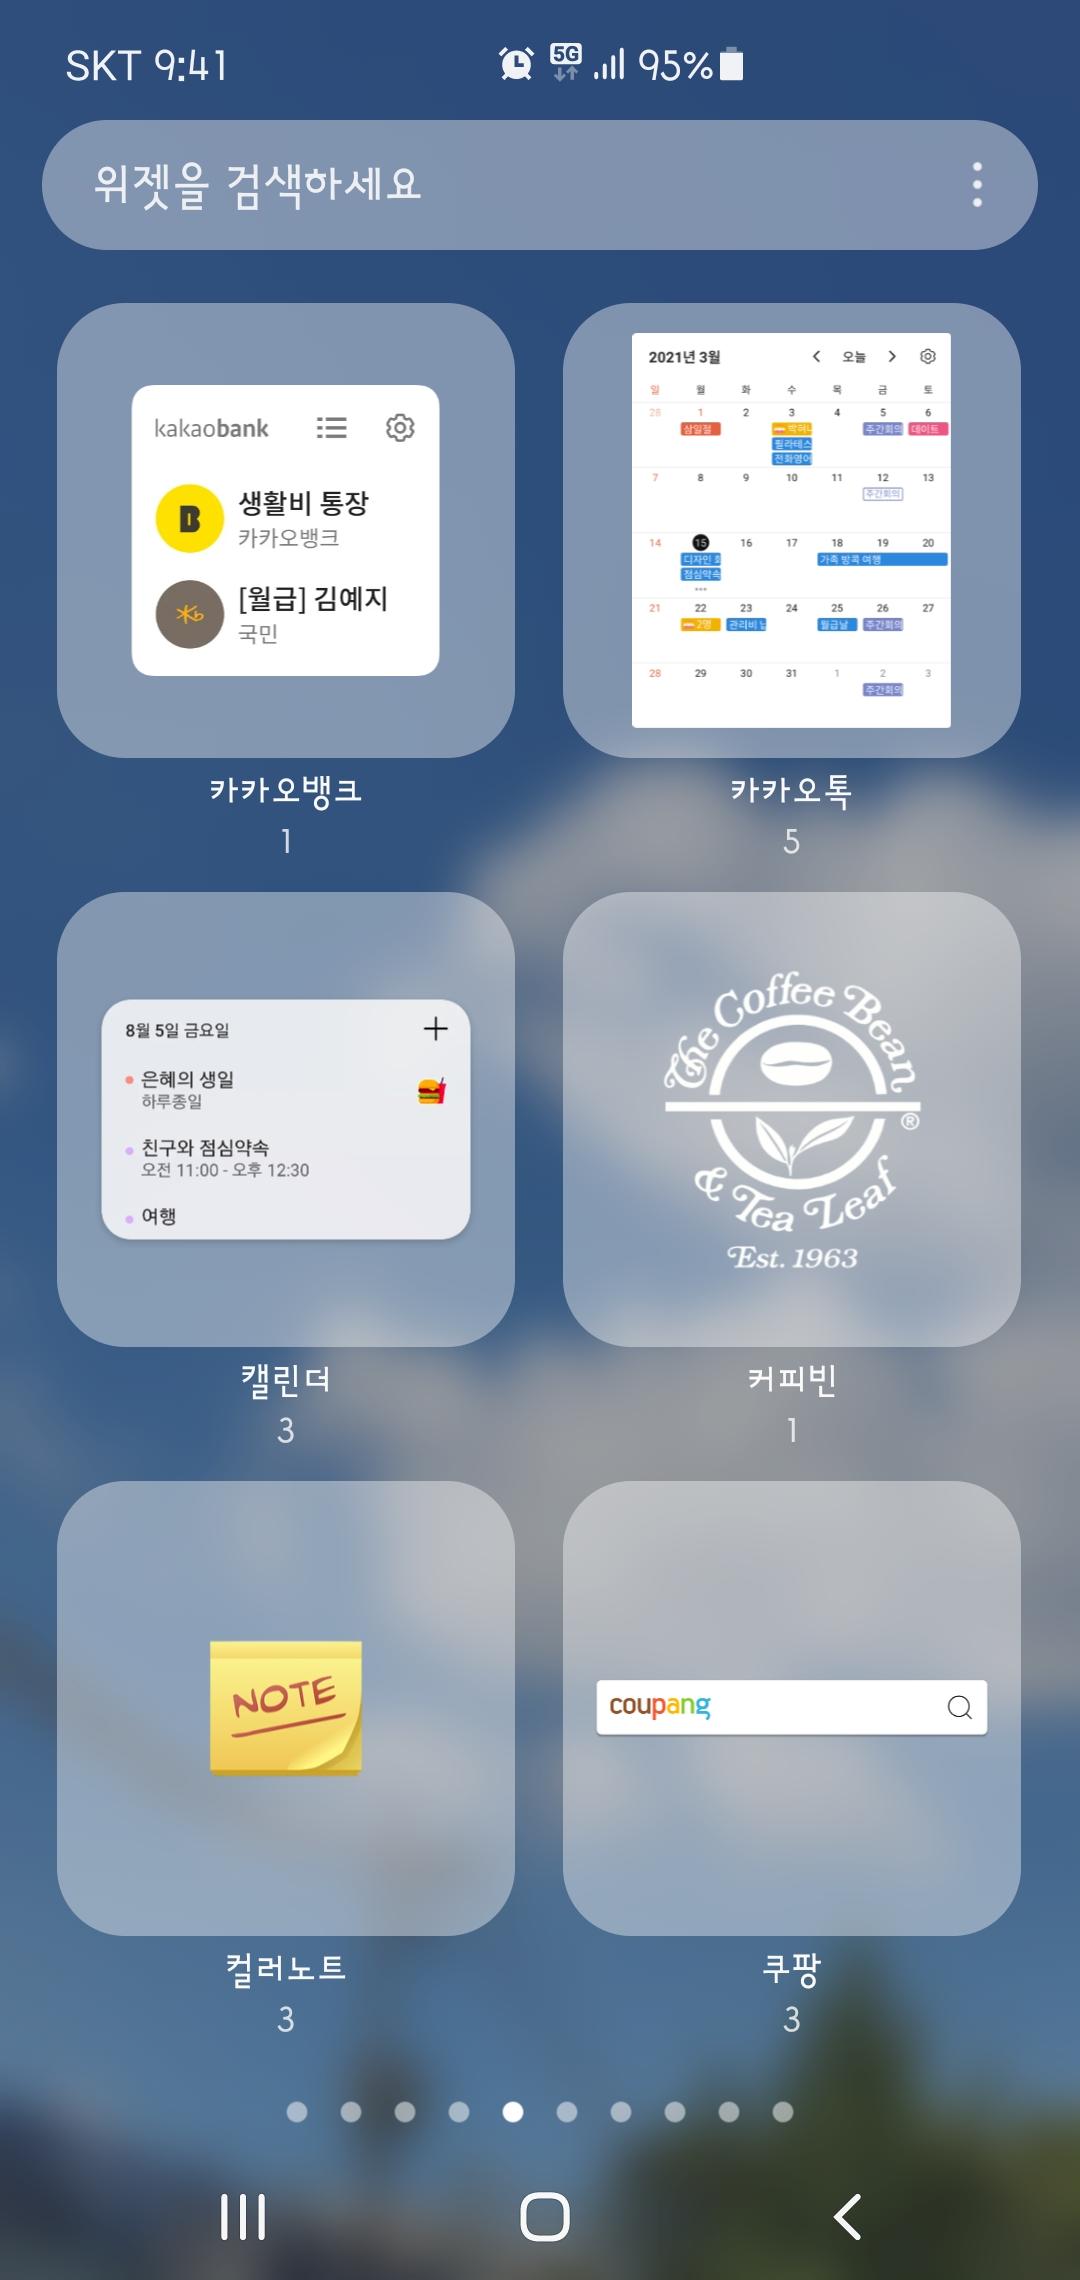 카카오톡 QR체크인 위젯, 스마트폰 홈화면에 설치했다.